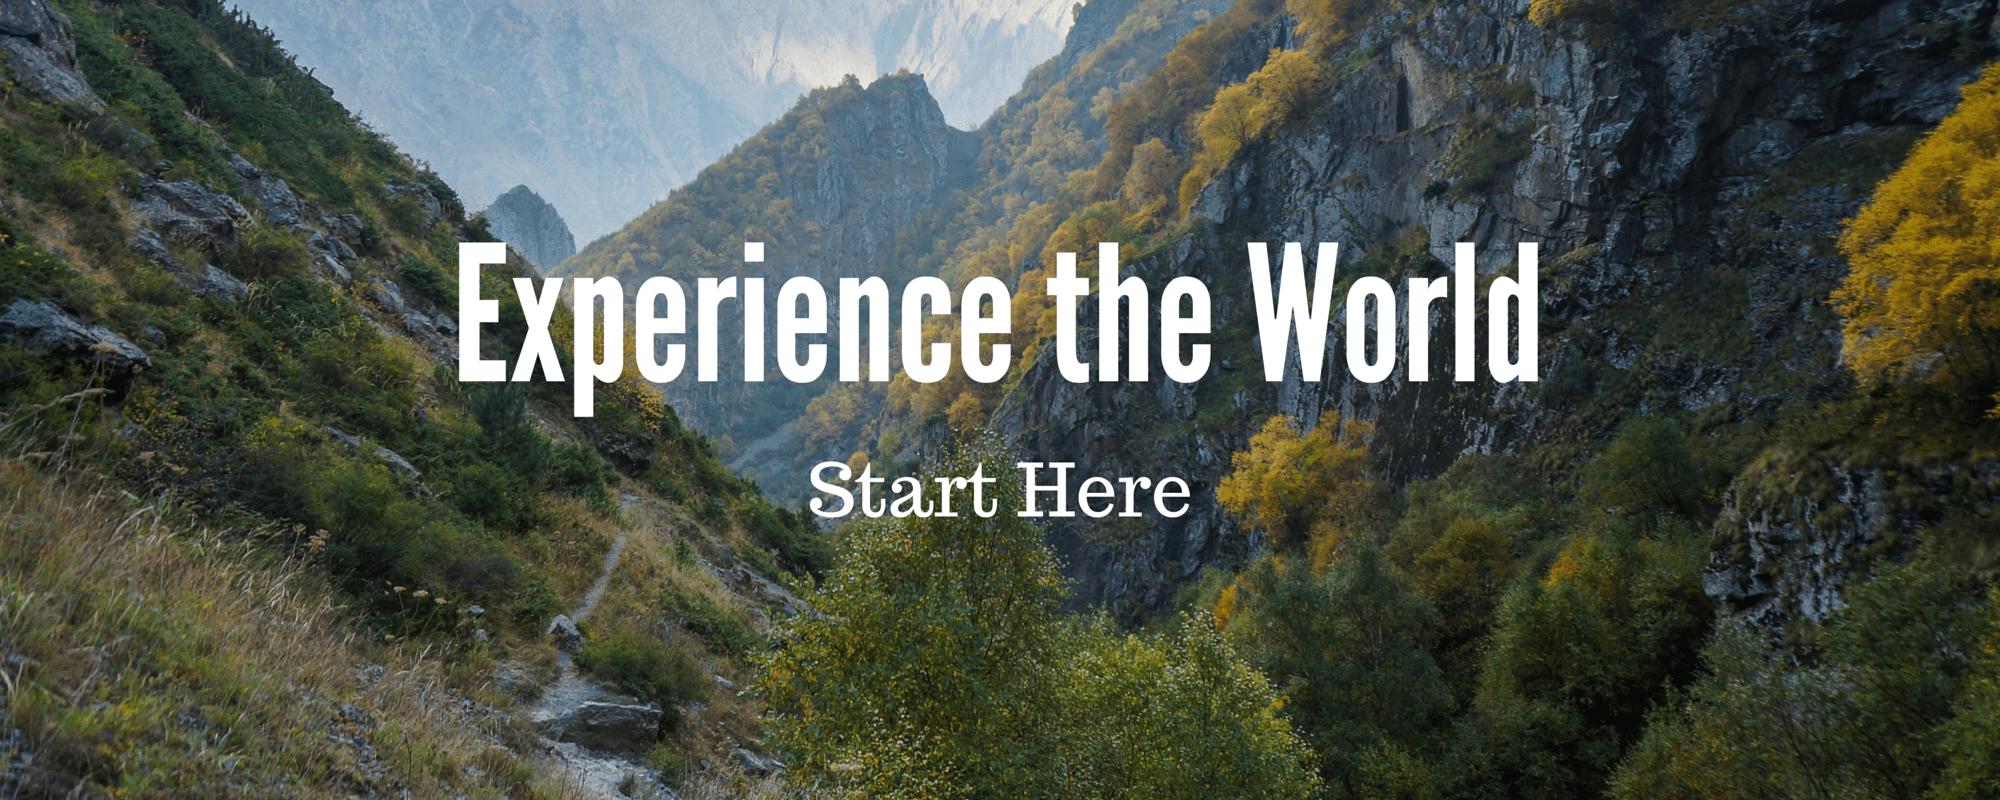 Start Here